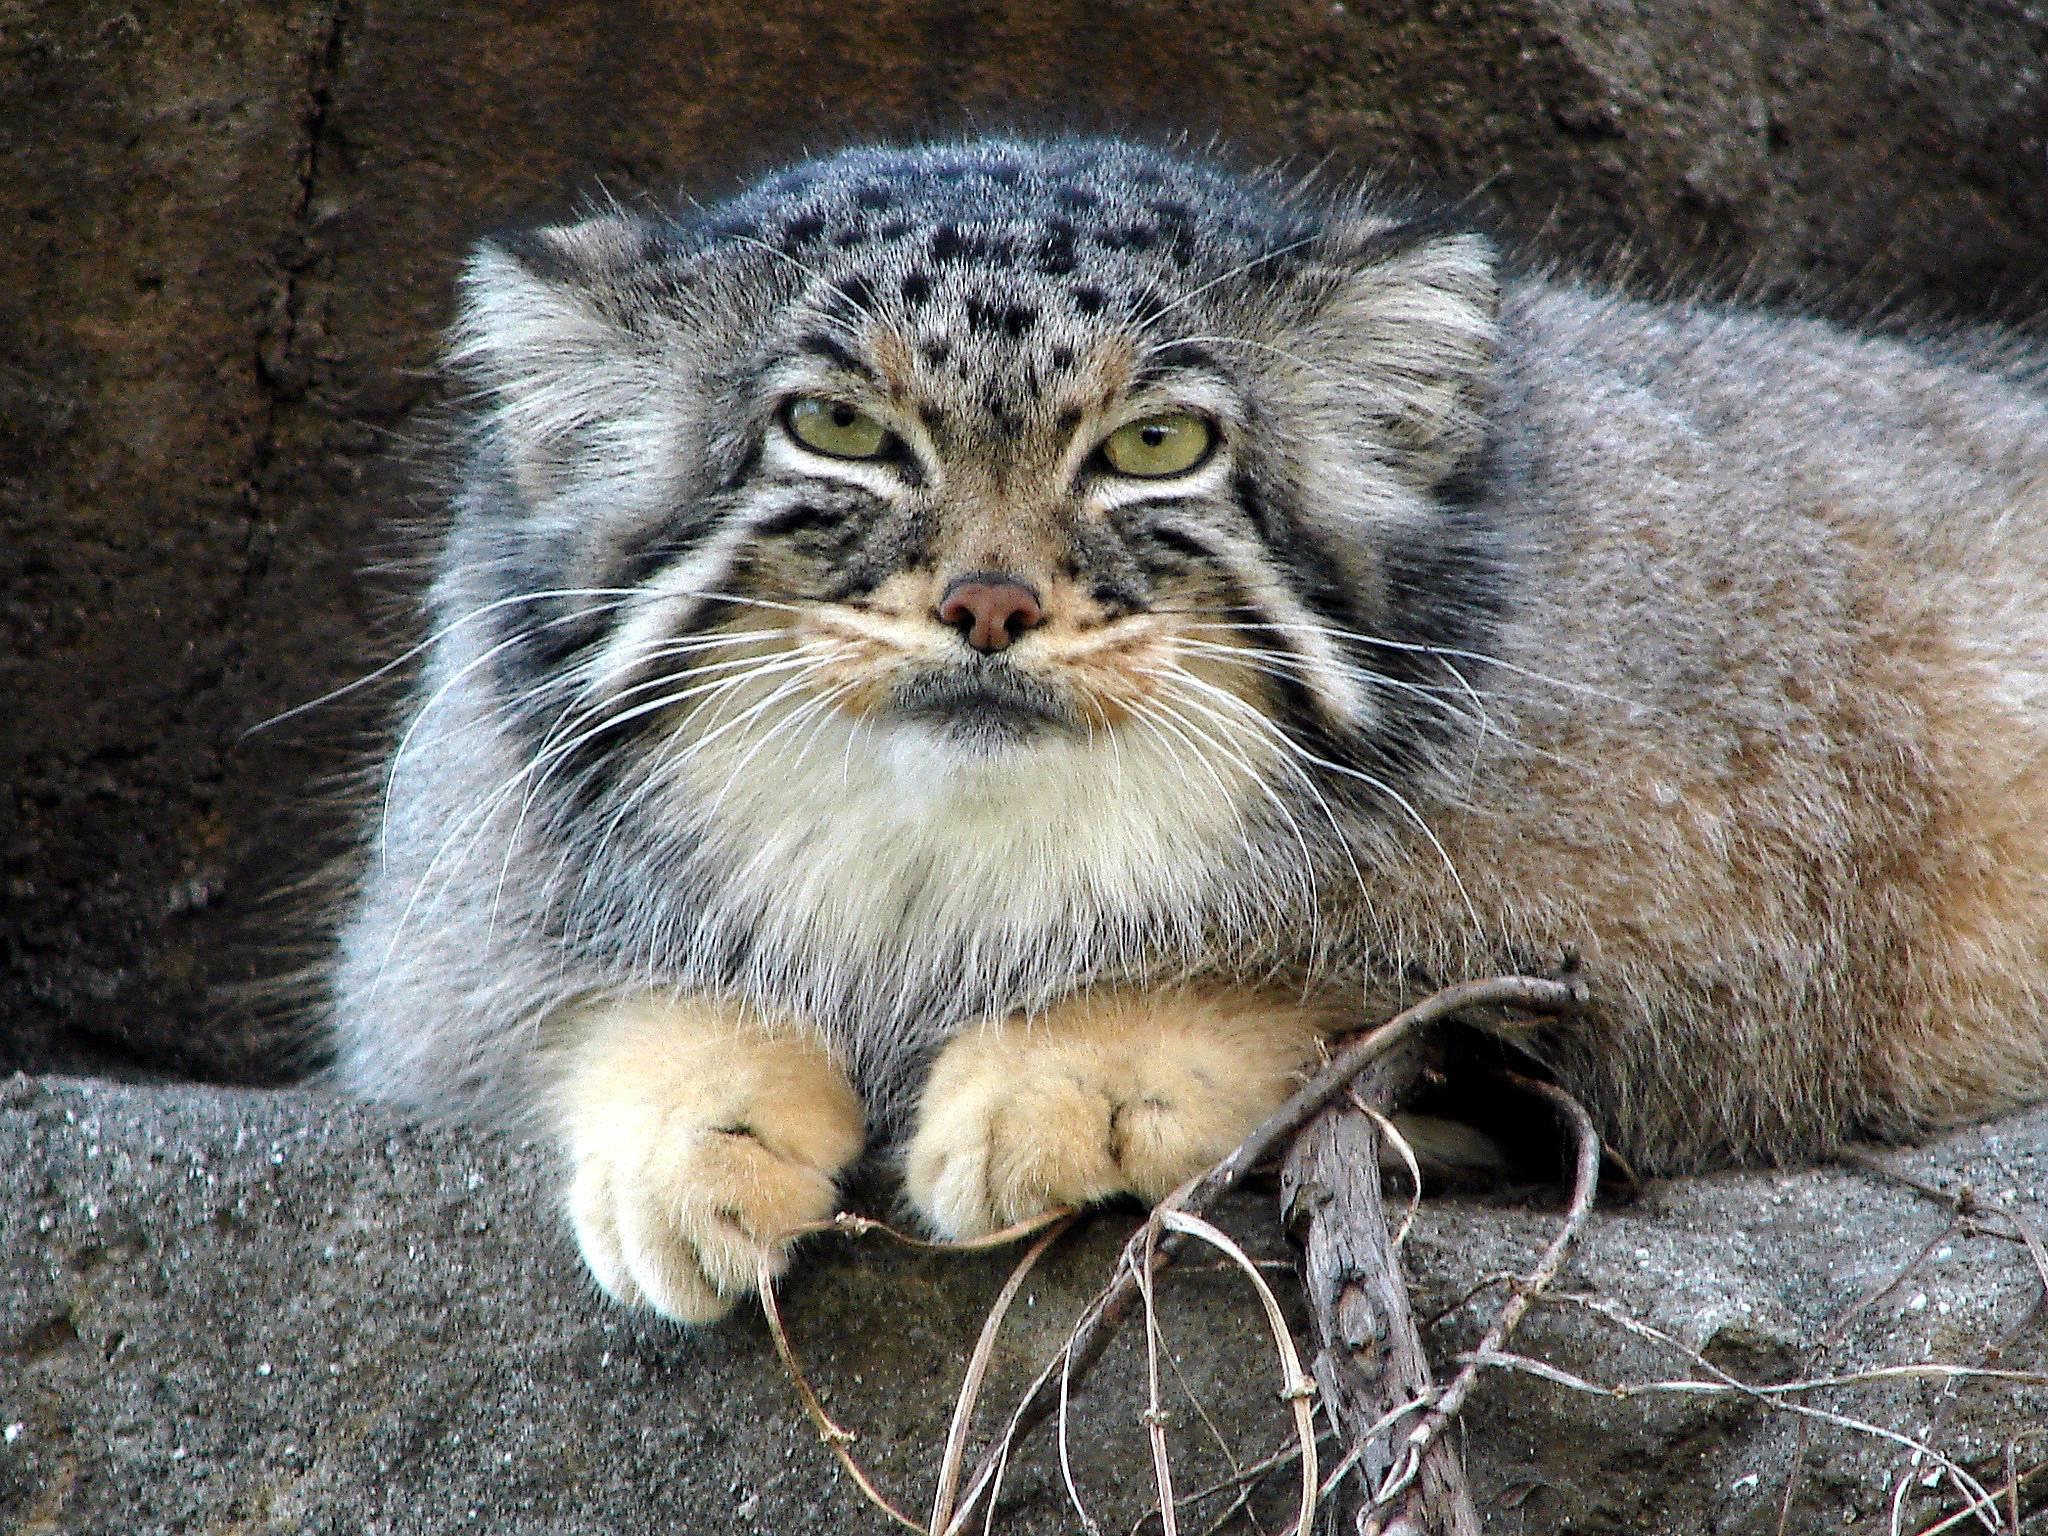 Wildcat Wallpapers - Wallpaper Cave